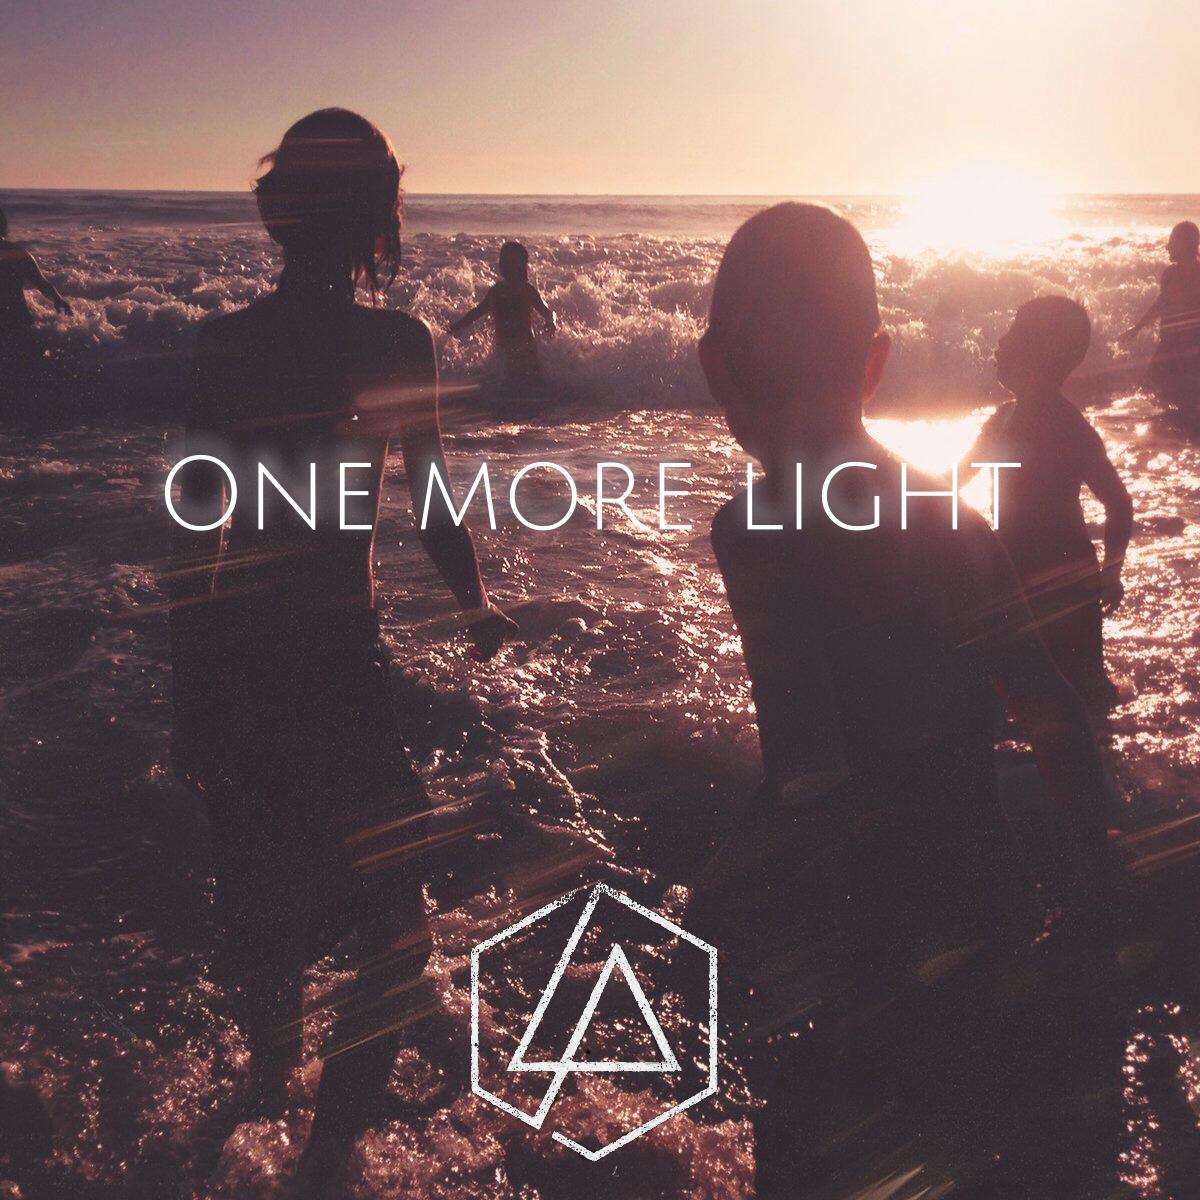 One More Light | Linkin Park | One More Light | Full Song